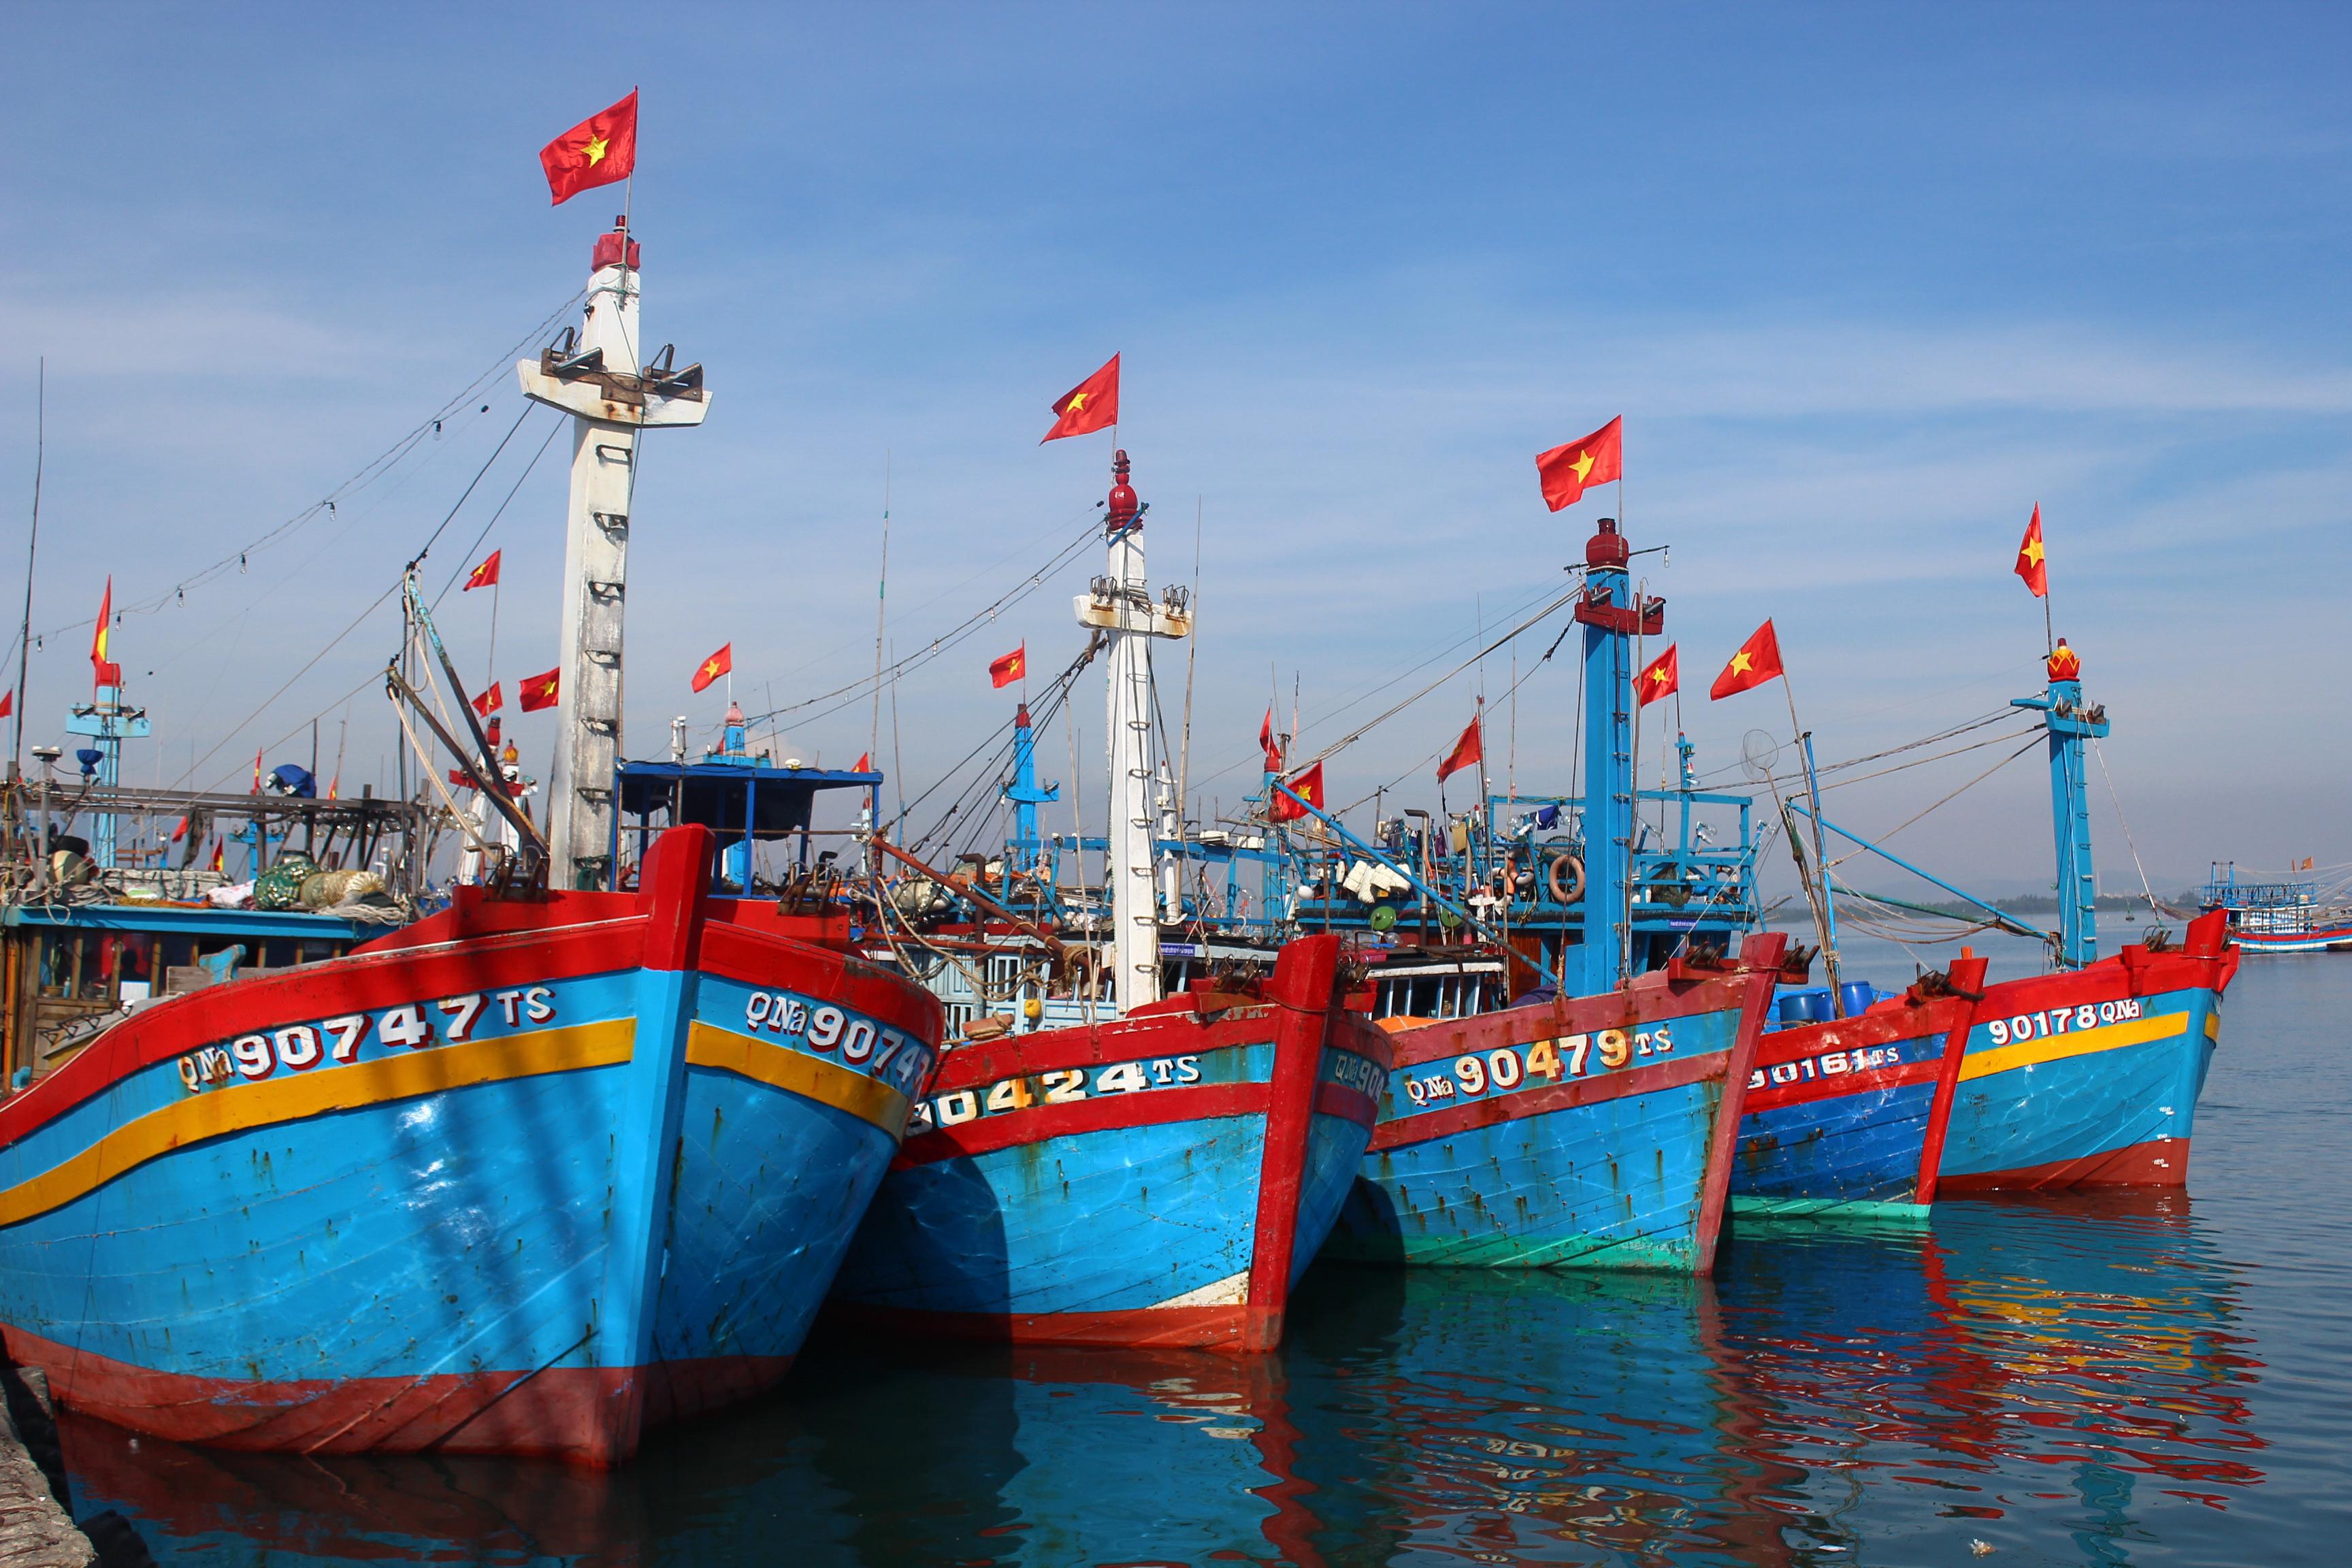 Tiếp tục hỗ trợ hệ thống quan sát tàu cá bằng công nghệ vệ tinh